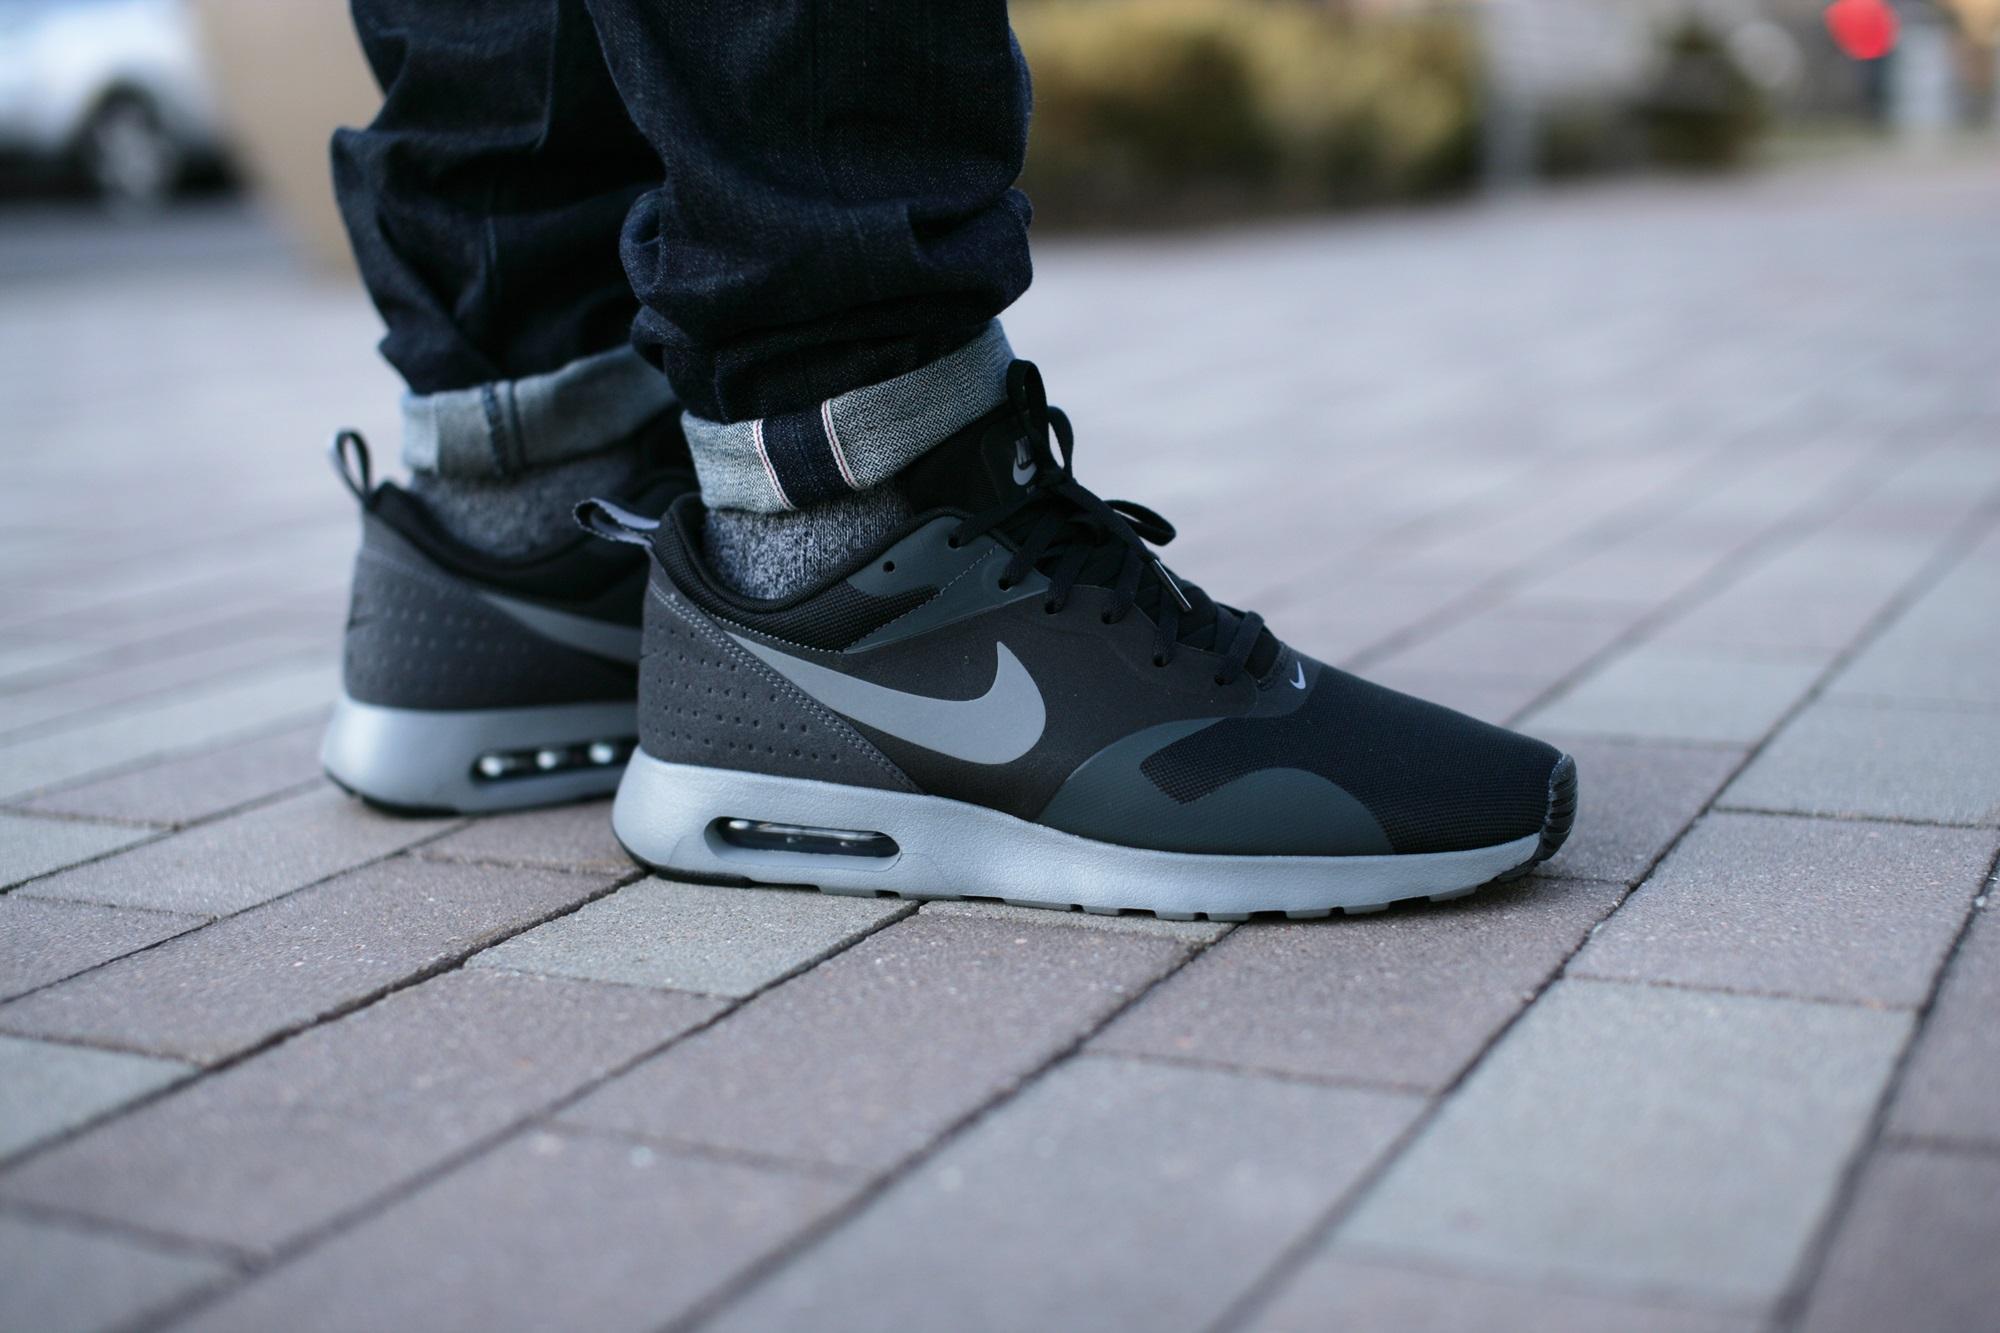 Nike Air Shoes Tan Men